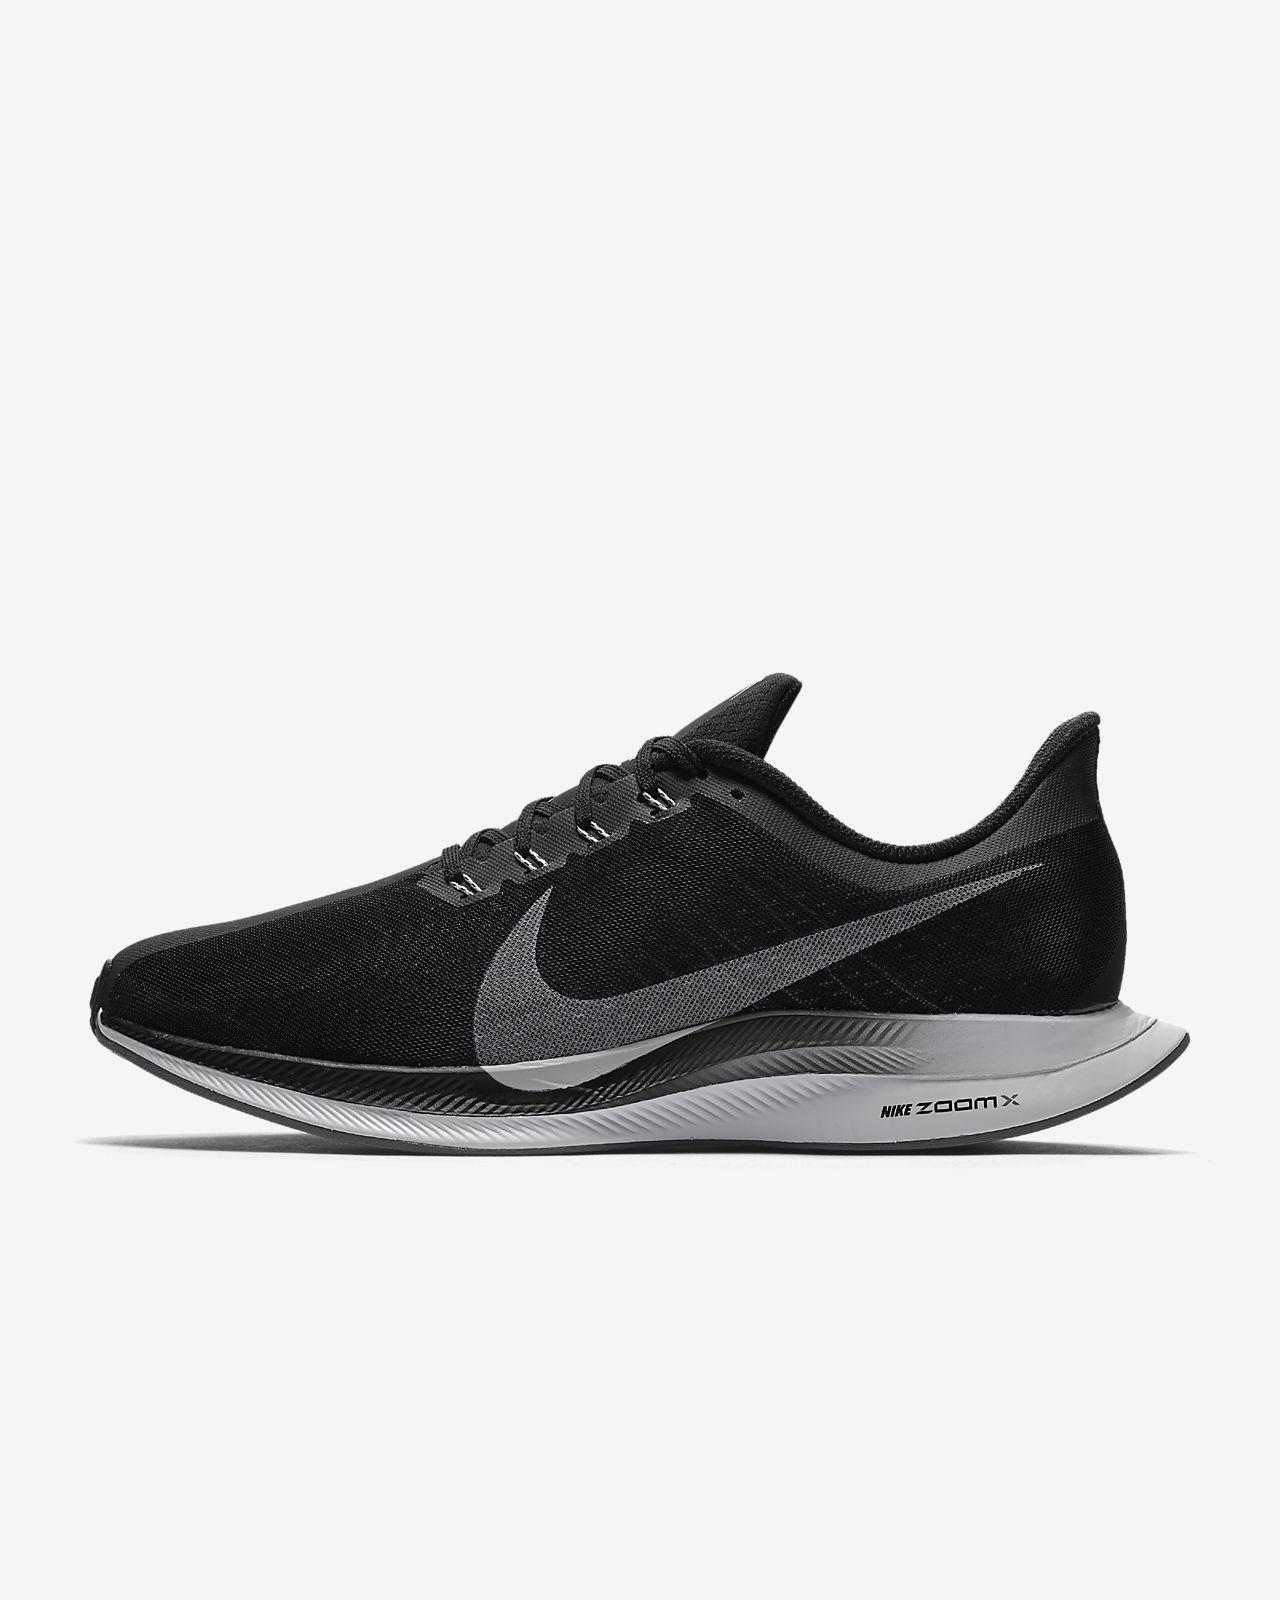 cc5ad28d0f6 Nike Zoom Pegasus Turbo Men s Running Shoe. Nike.com MA